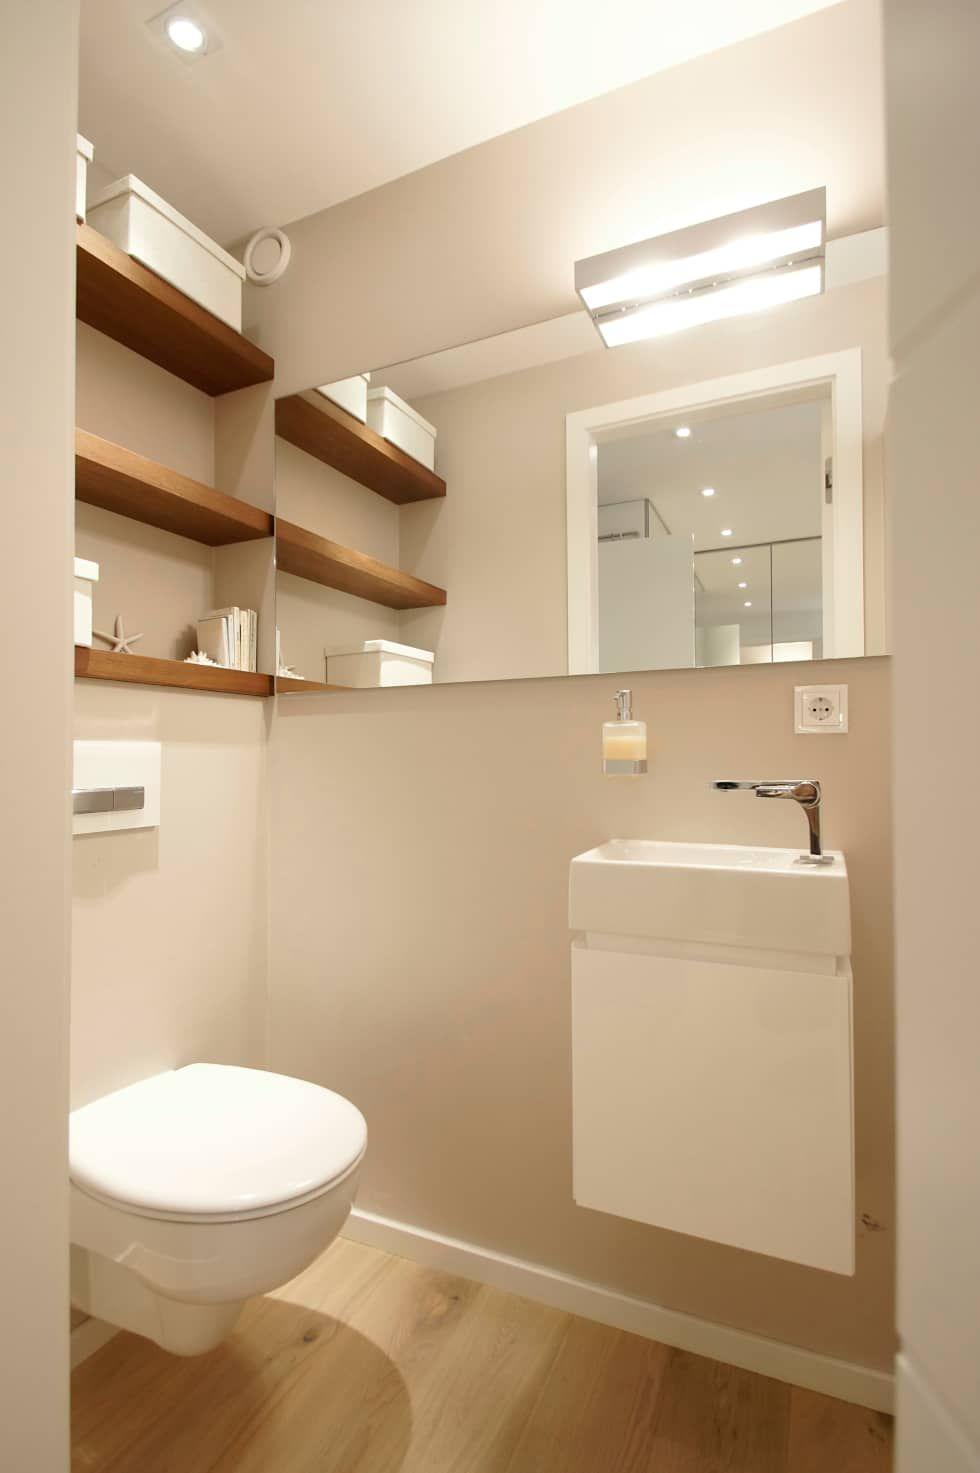 Design Bilder wohnideen interior design einrichtungsideen bilder basin